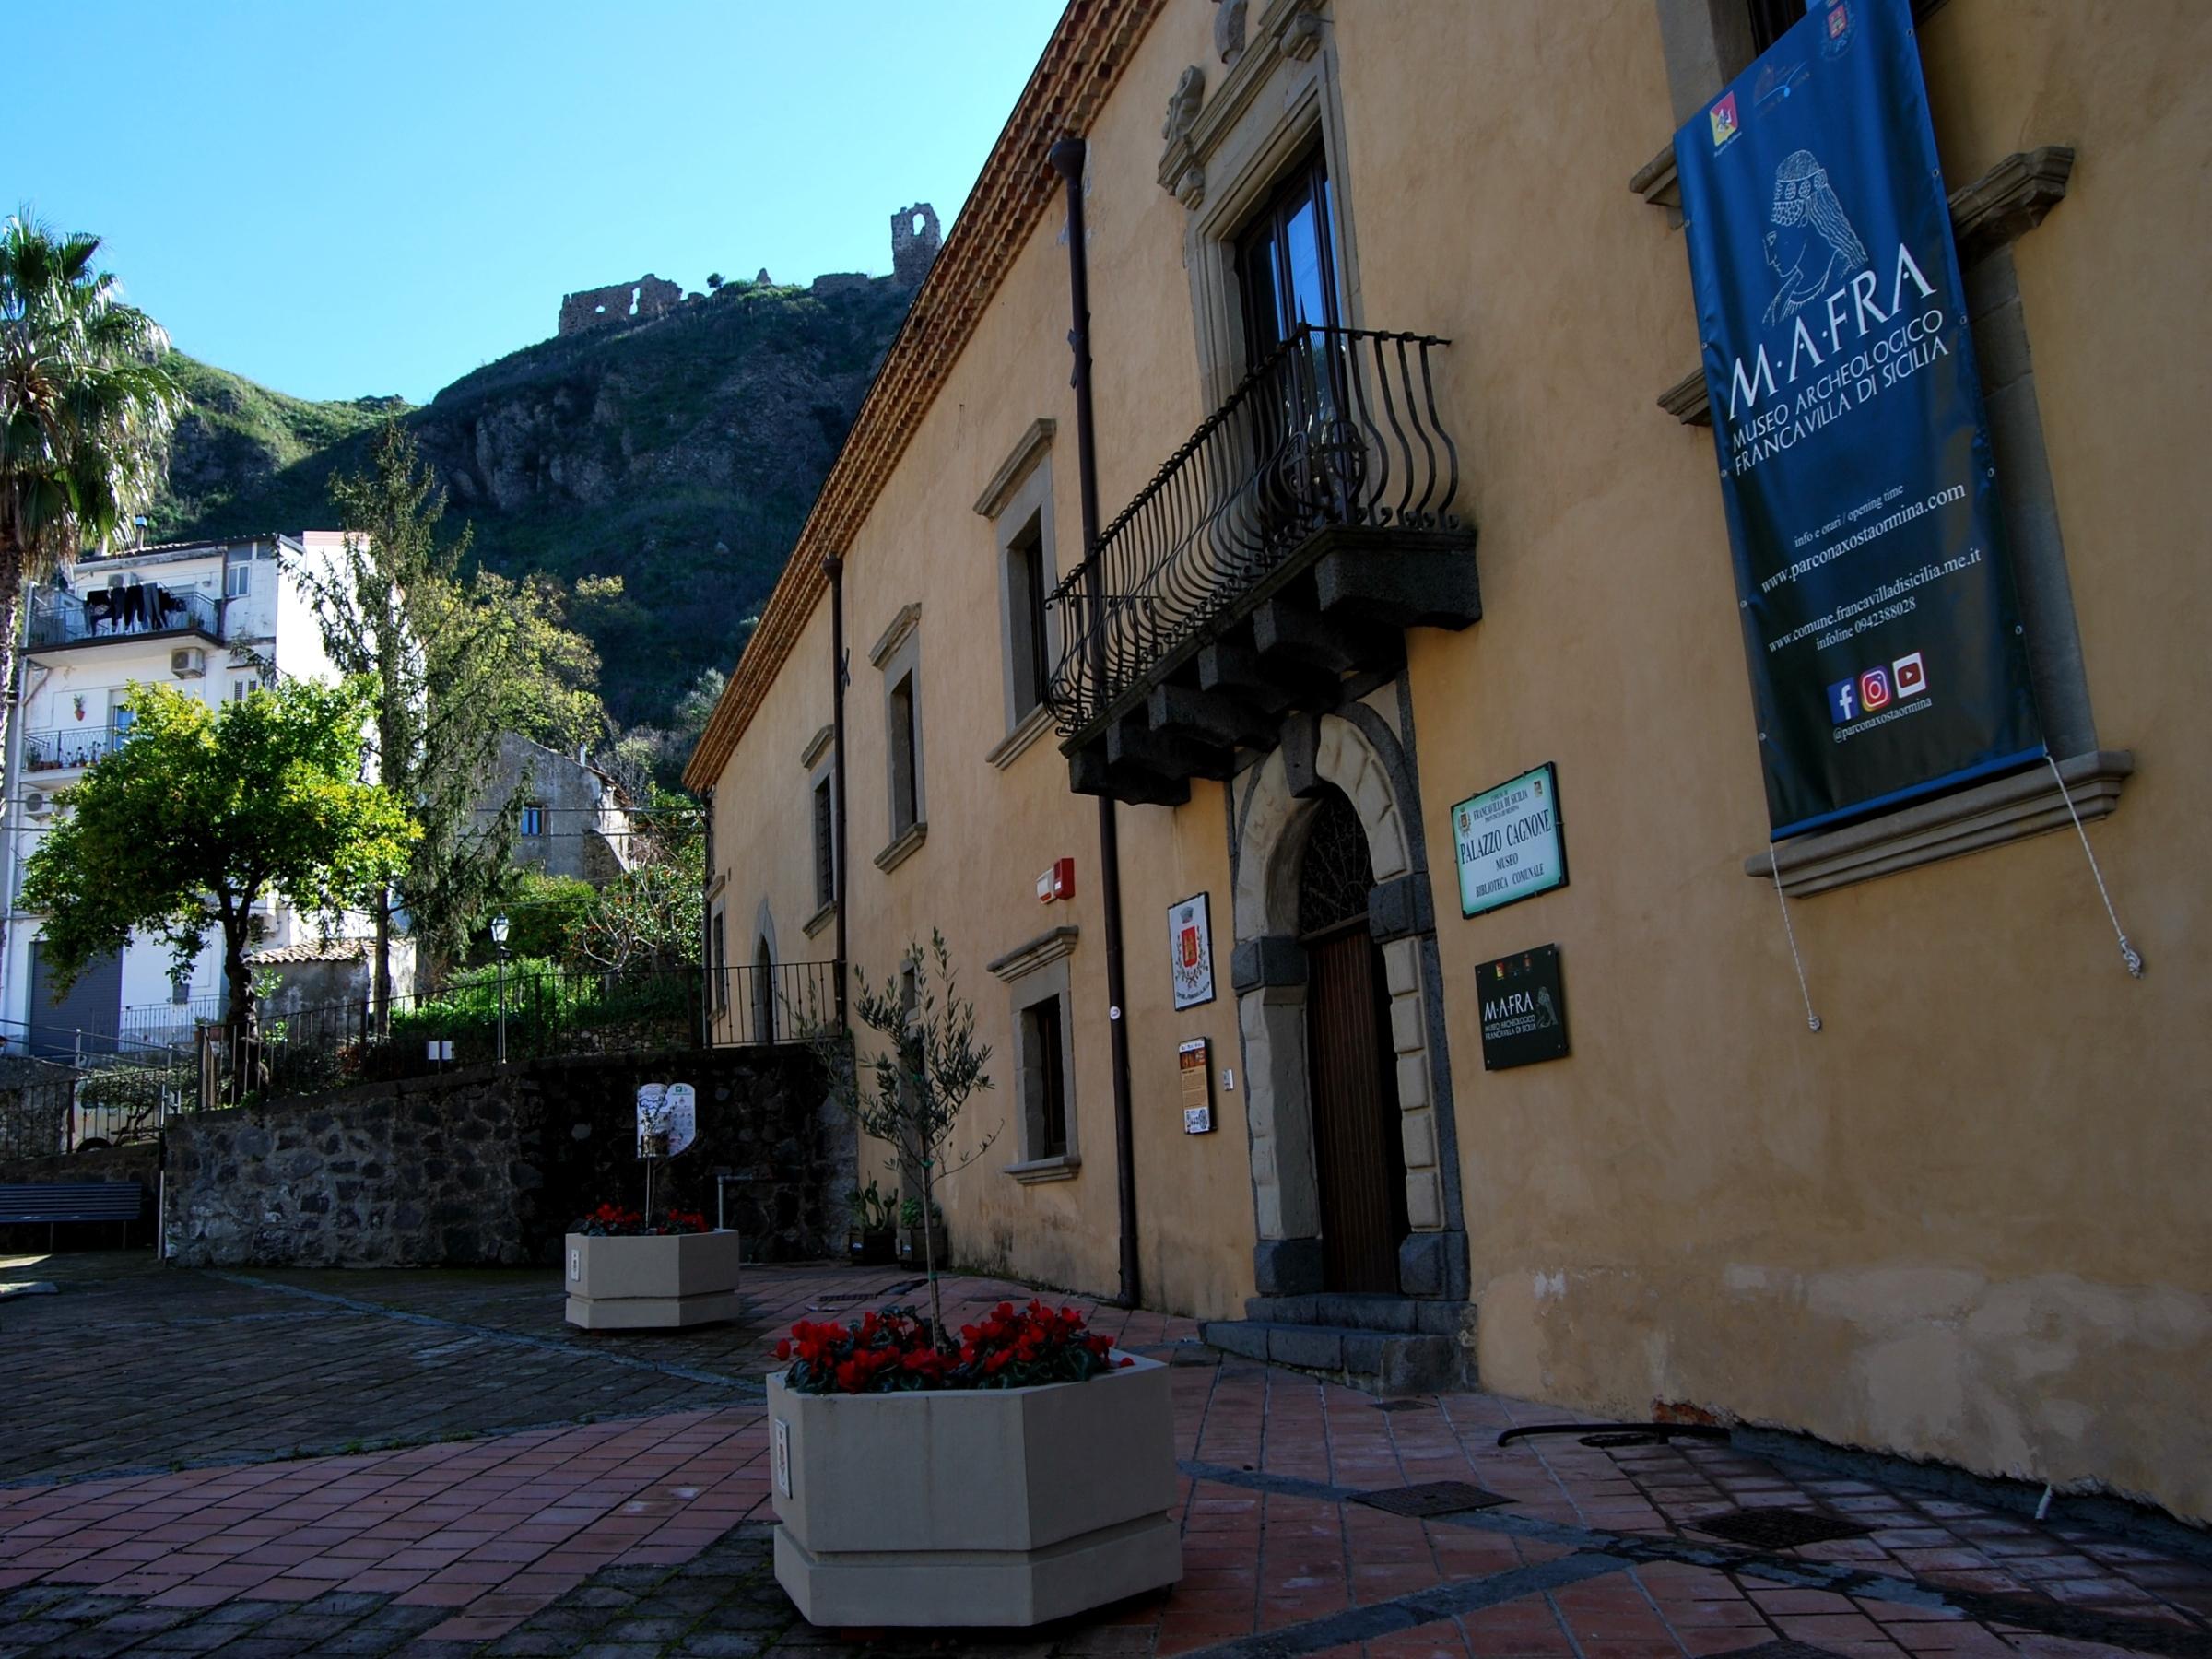 M.A.FRA. Museo Archeologico Francavilla di Sicilia